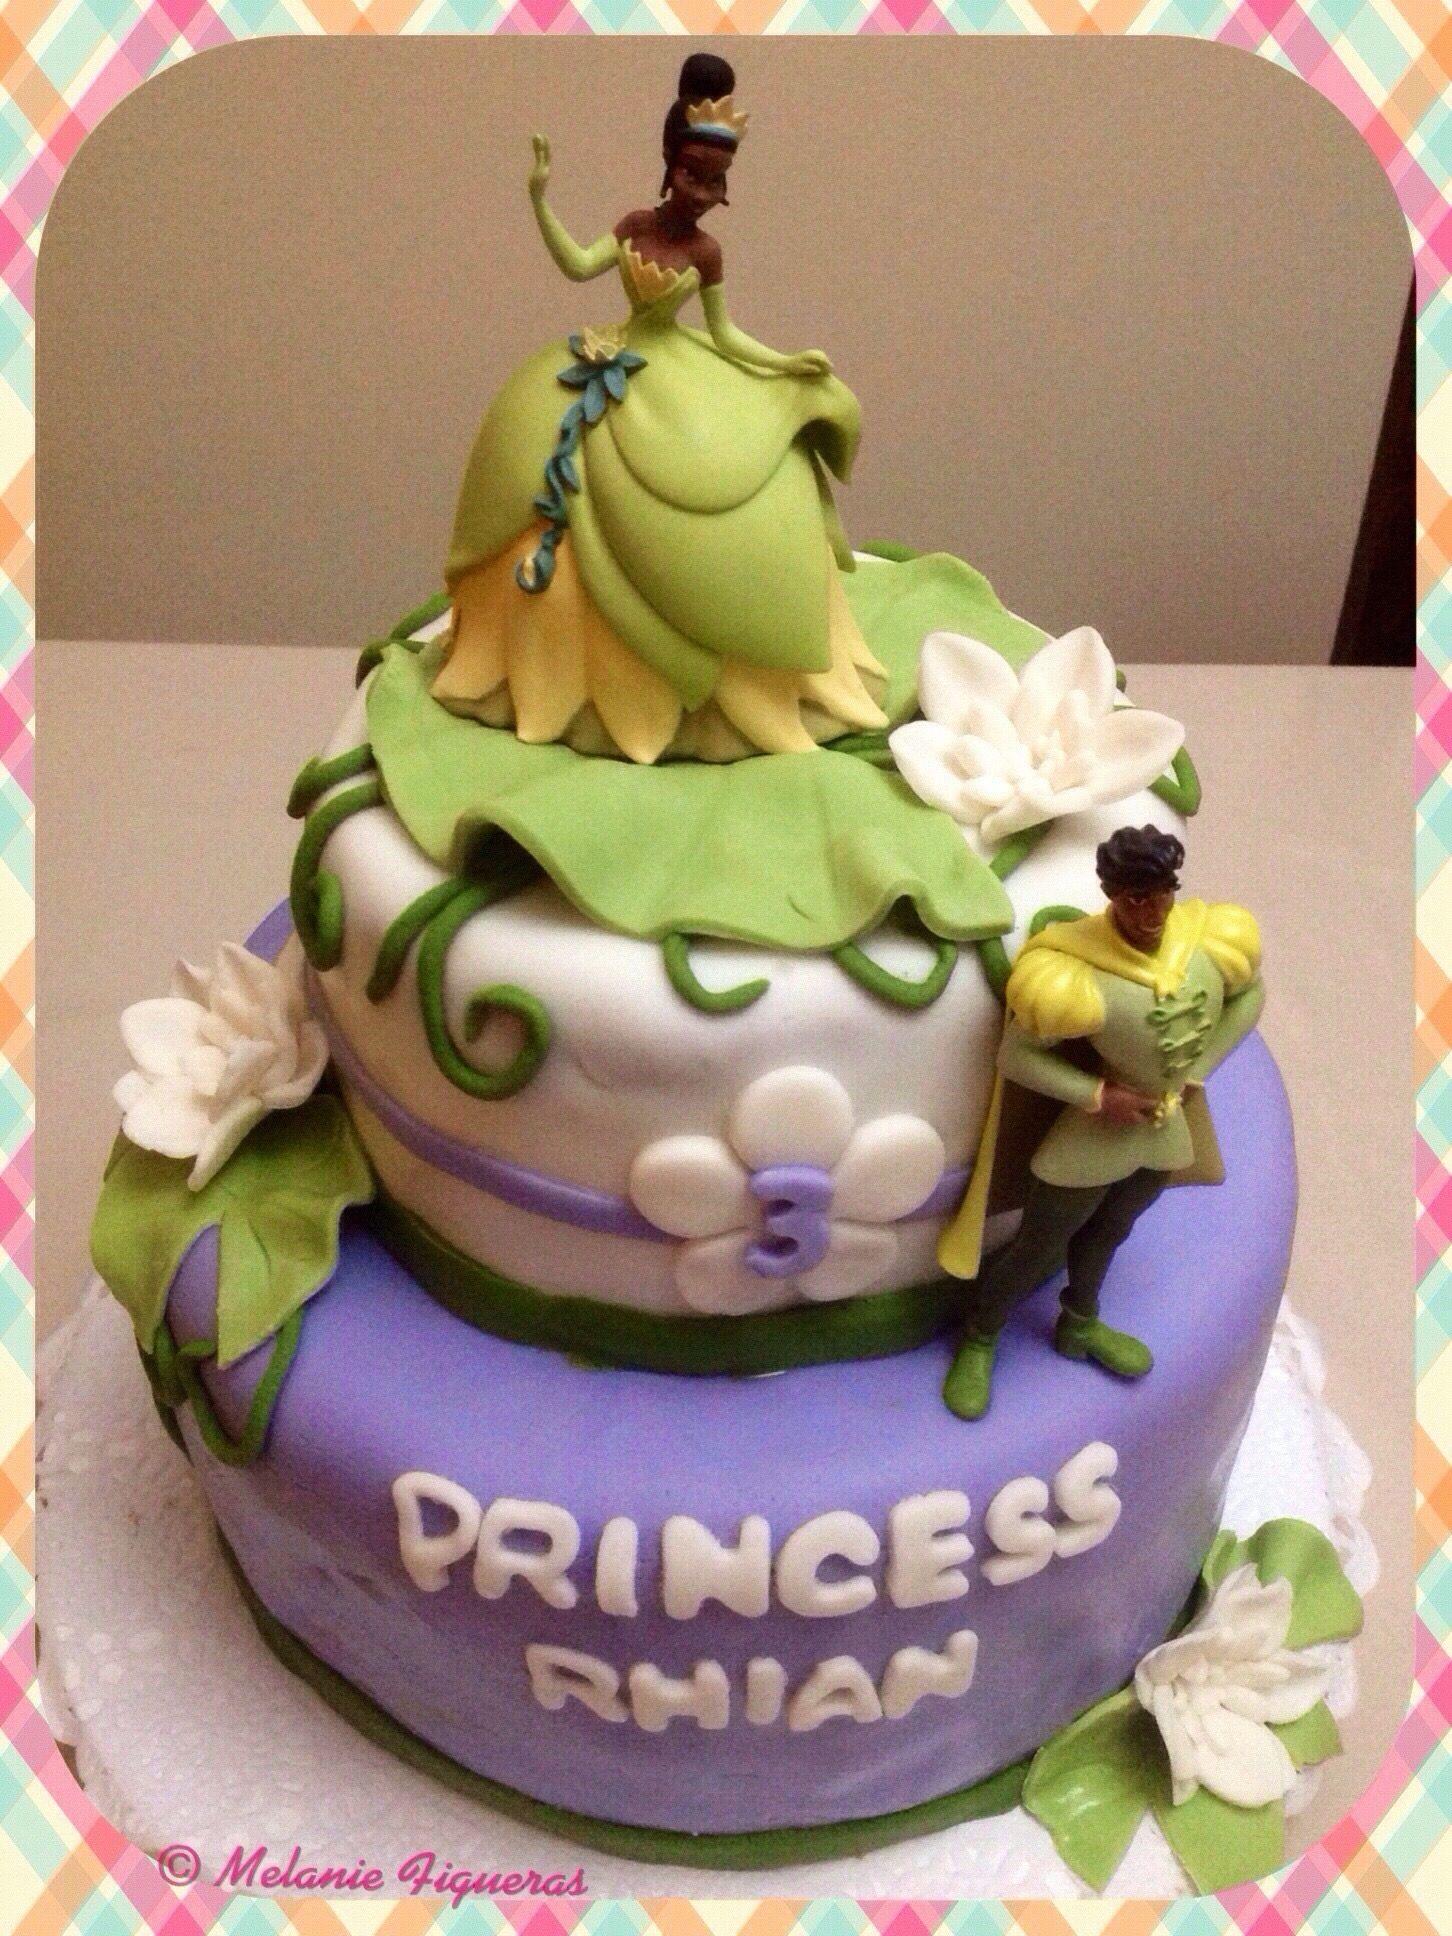 Disney Princess Tiana Princess the frog Birthday Cake